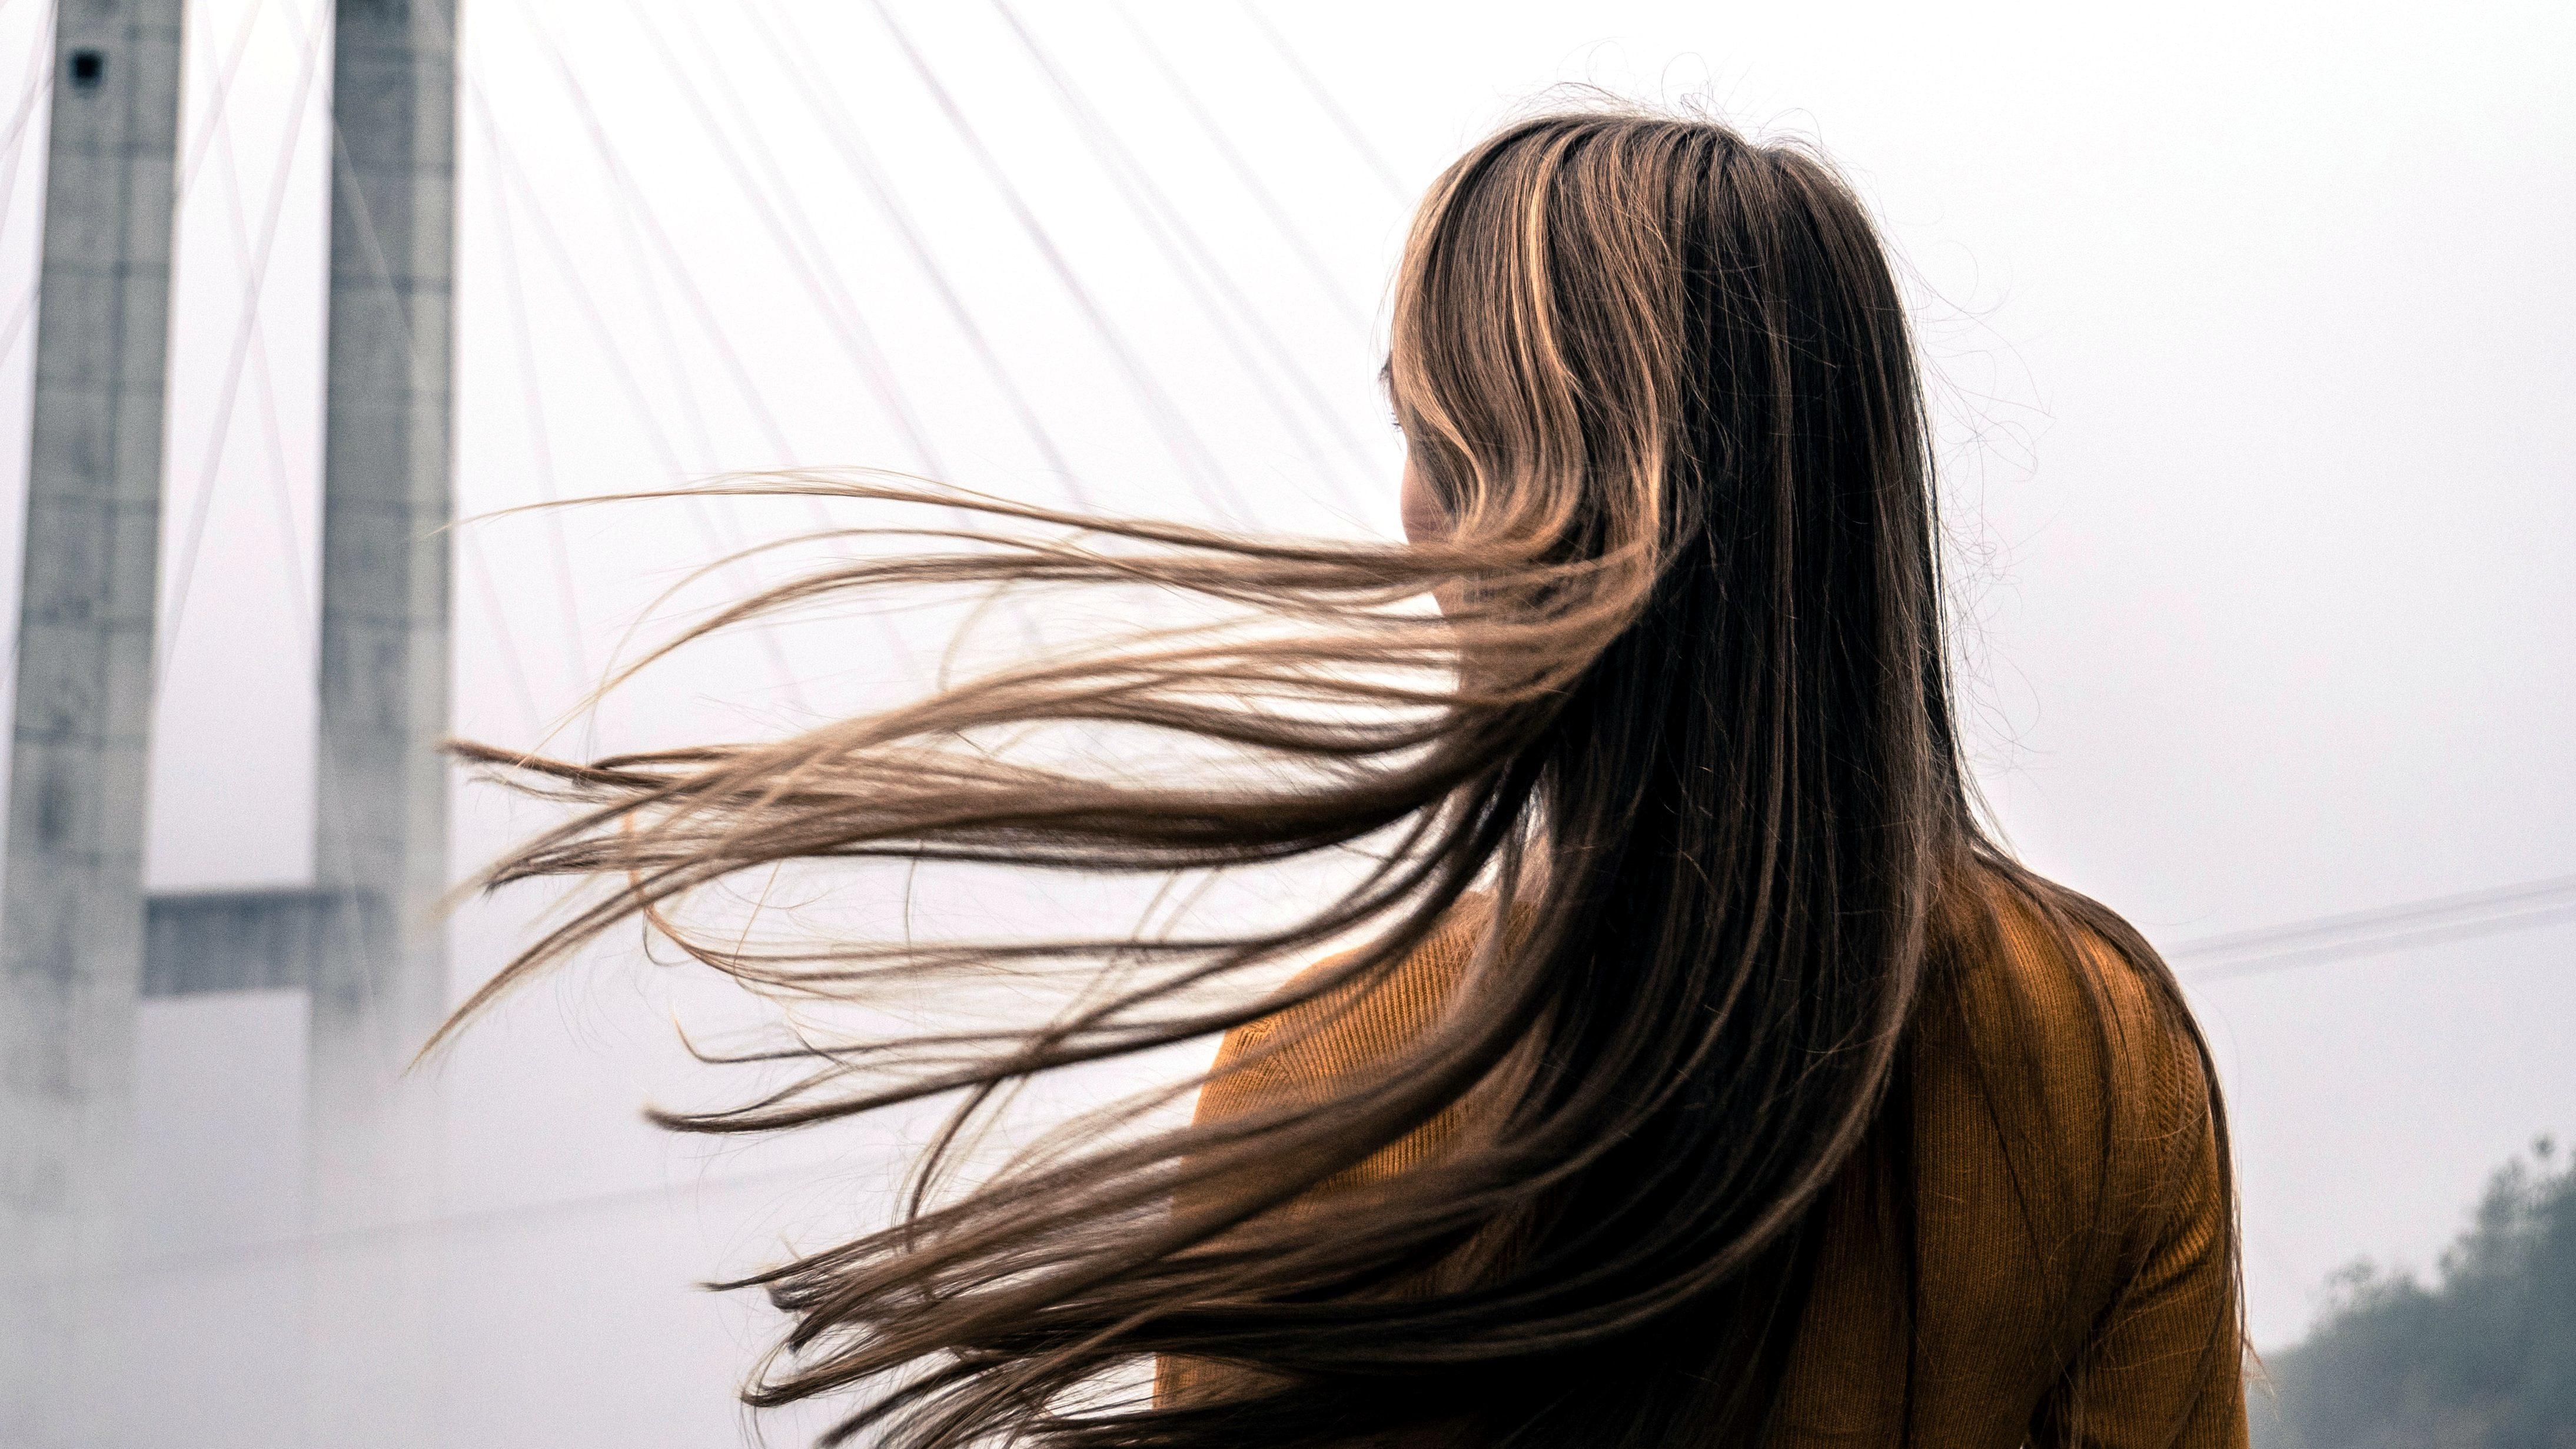 Image Libre Fille Cheveux Blonds Vent